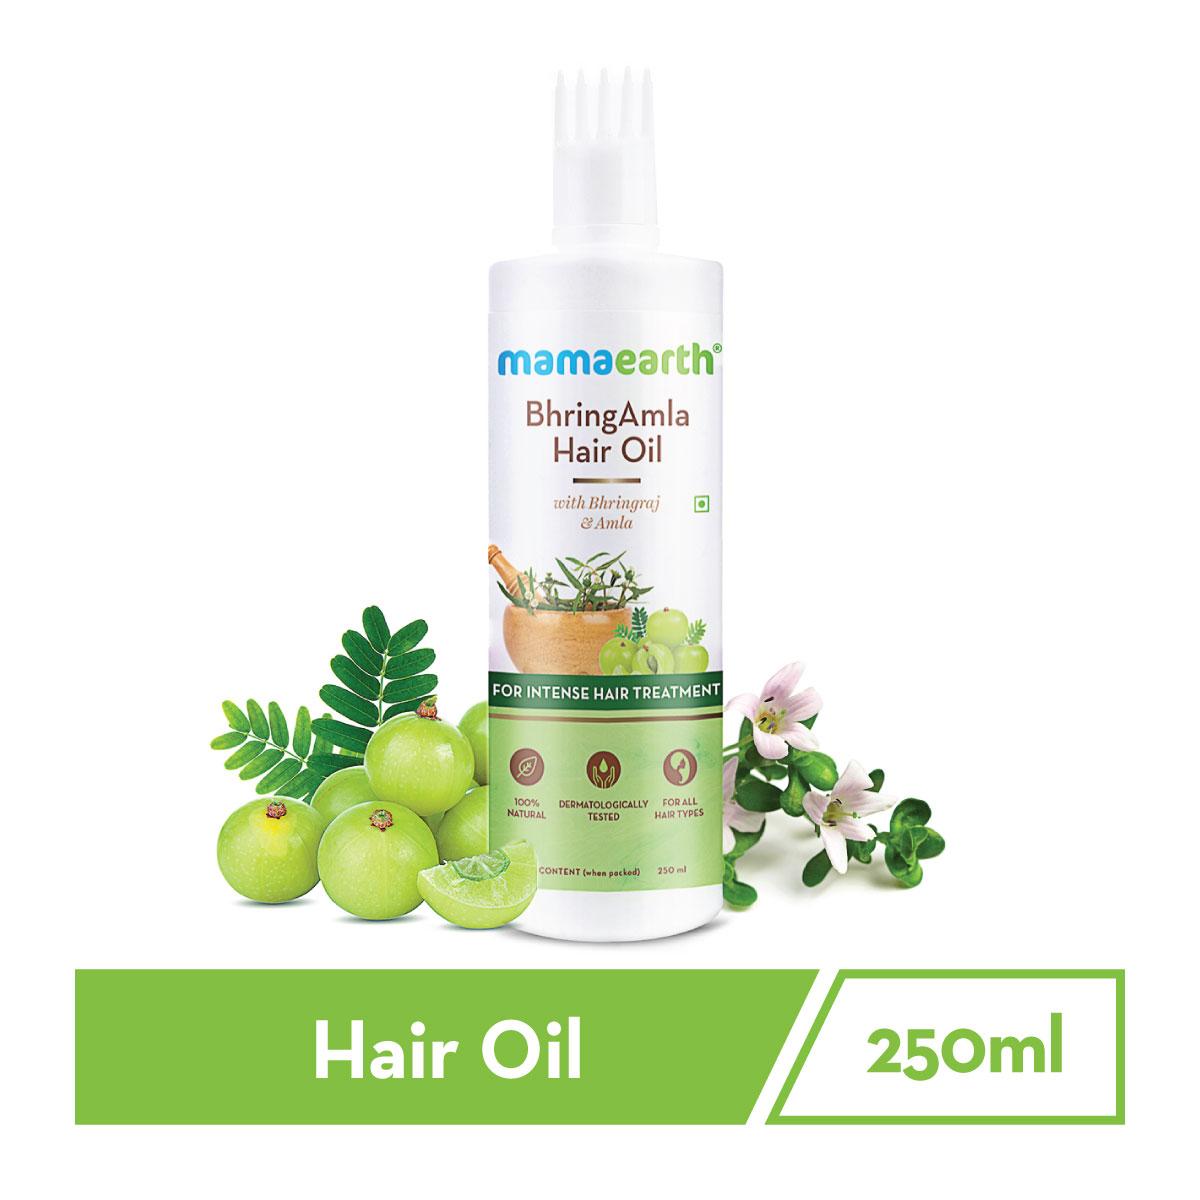 BhringAmla Hair Oil